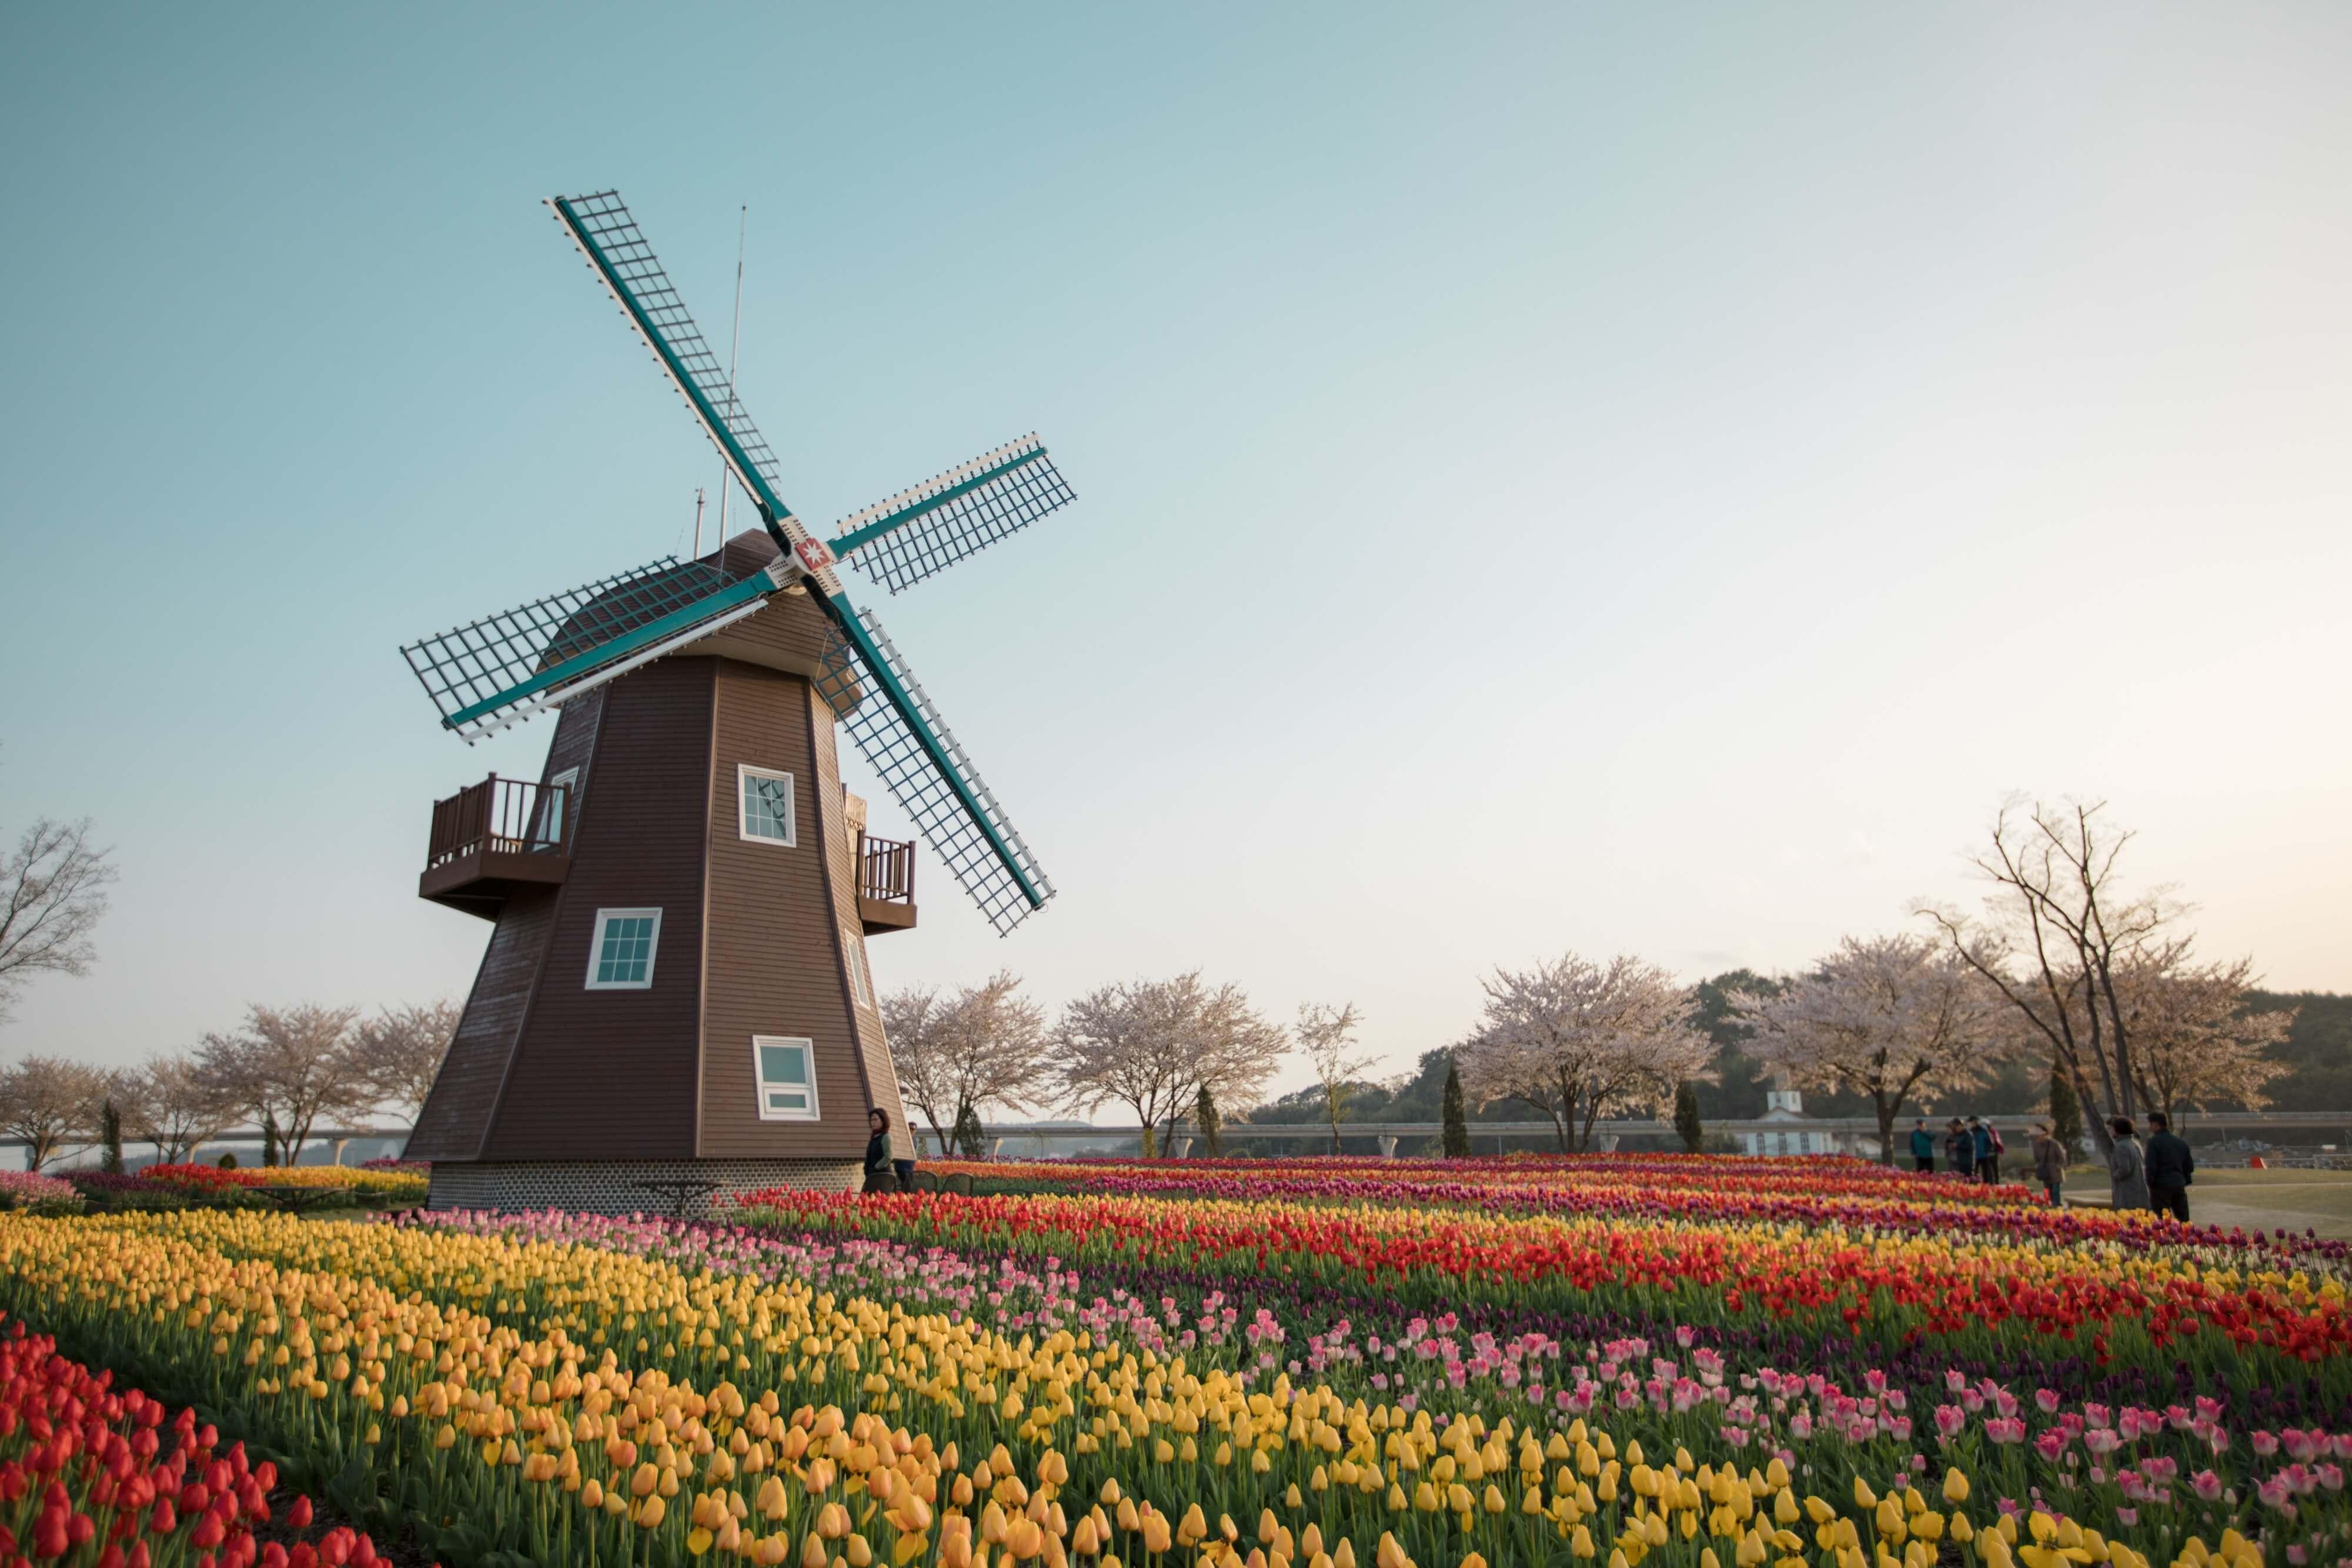 オランダの風車とチューリップ畑